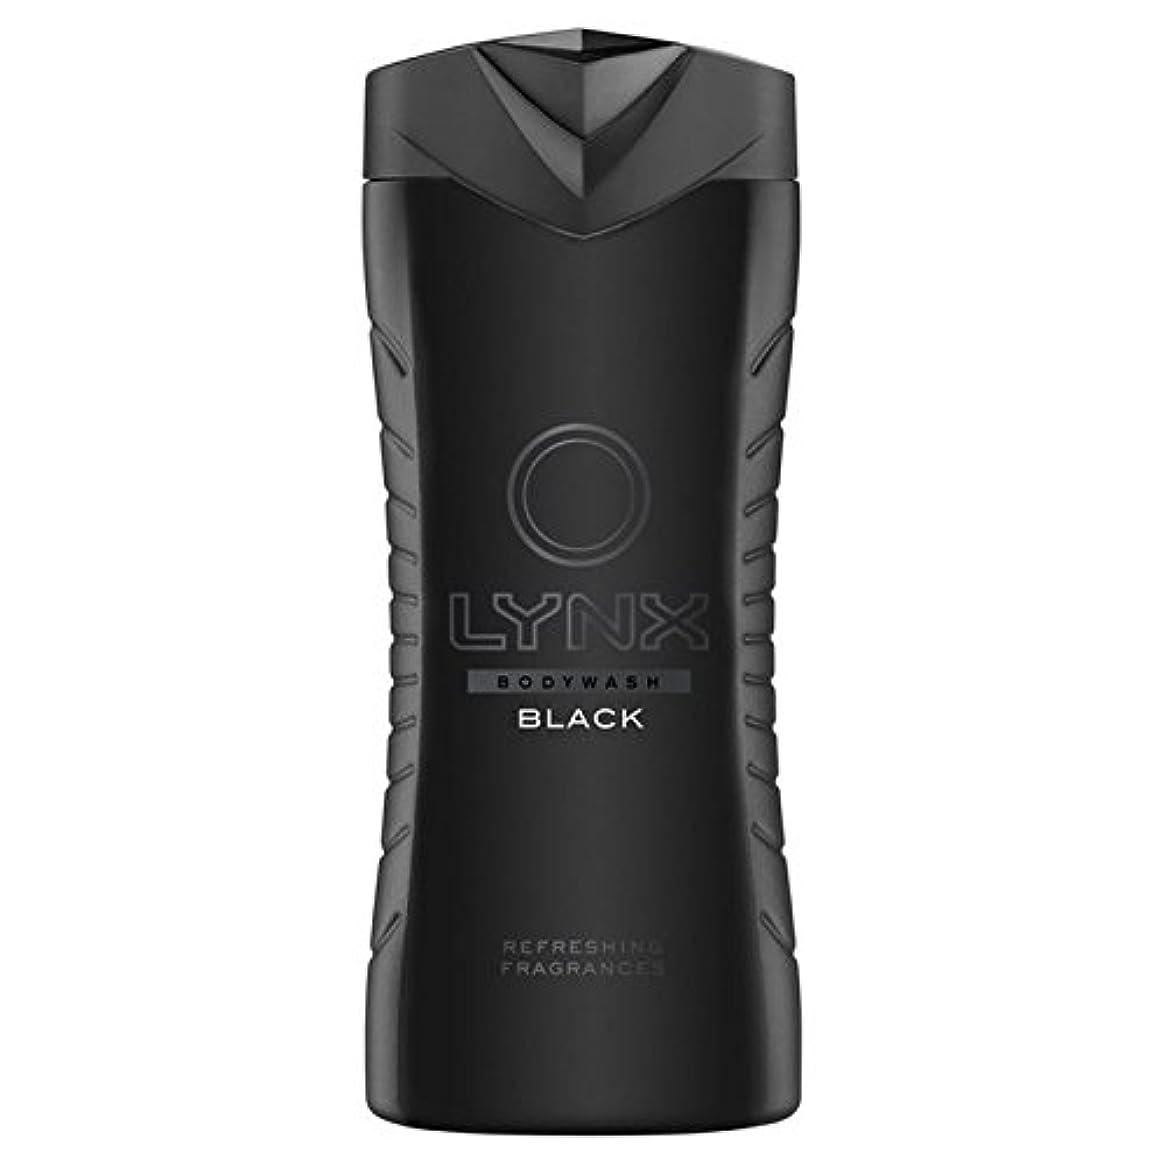 六ピボット溶岩オオヤマネコブラックシャワージェル400ミリリットル x2 - Lynx Black Shower Gel 400ml (Pack of 2) [並行輸入品]